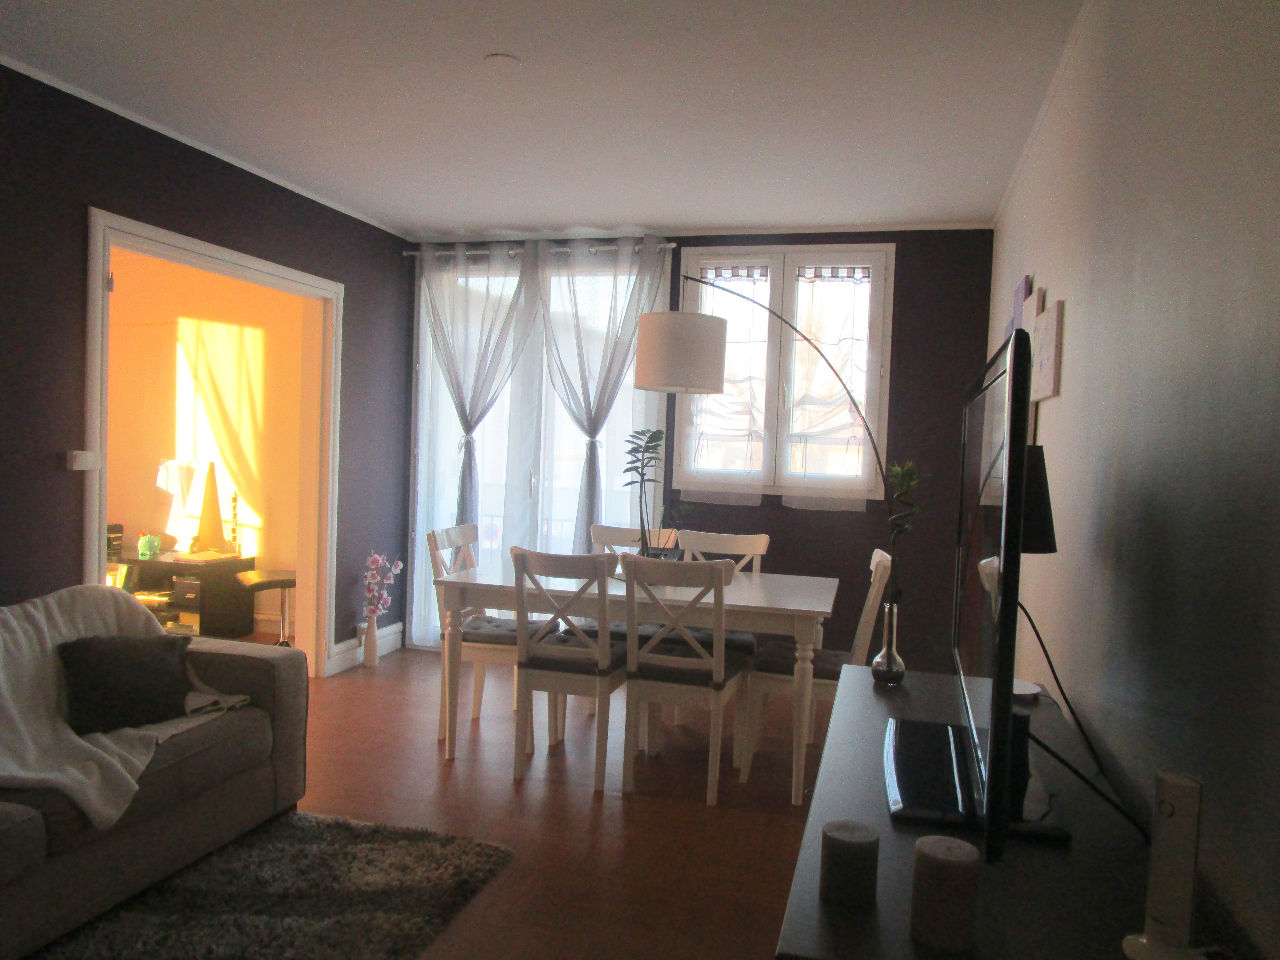 annonce vente appartement meaux 77100 53 m 148 000 992735476371. Black Bedroom Furniture Sets. Home Design Ideas